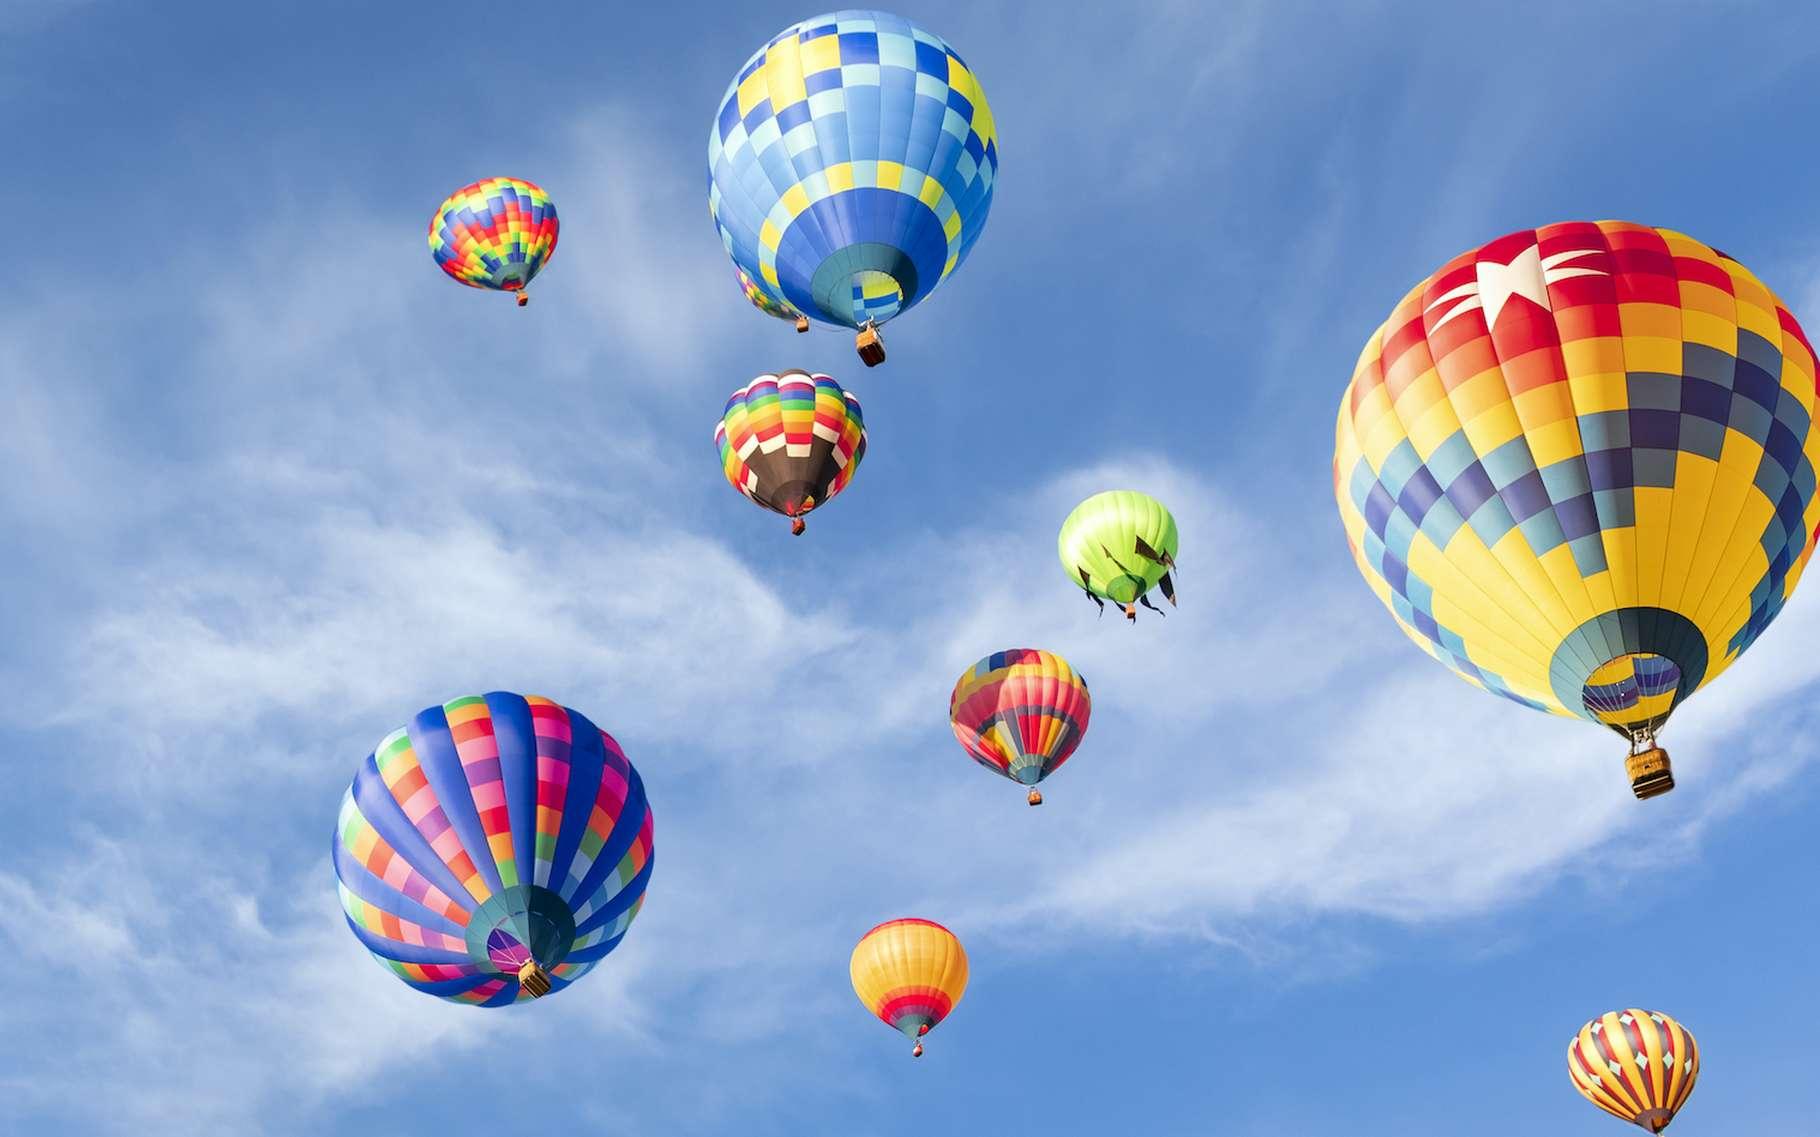 La France est riche en paysages qui valent la peine d'être découverts à bord d'une montgolfière. © Mariusz Blach, Adobe Stock